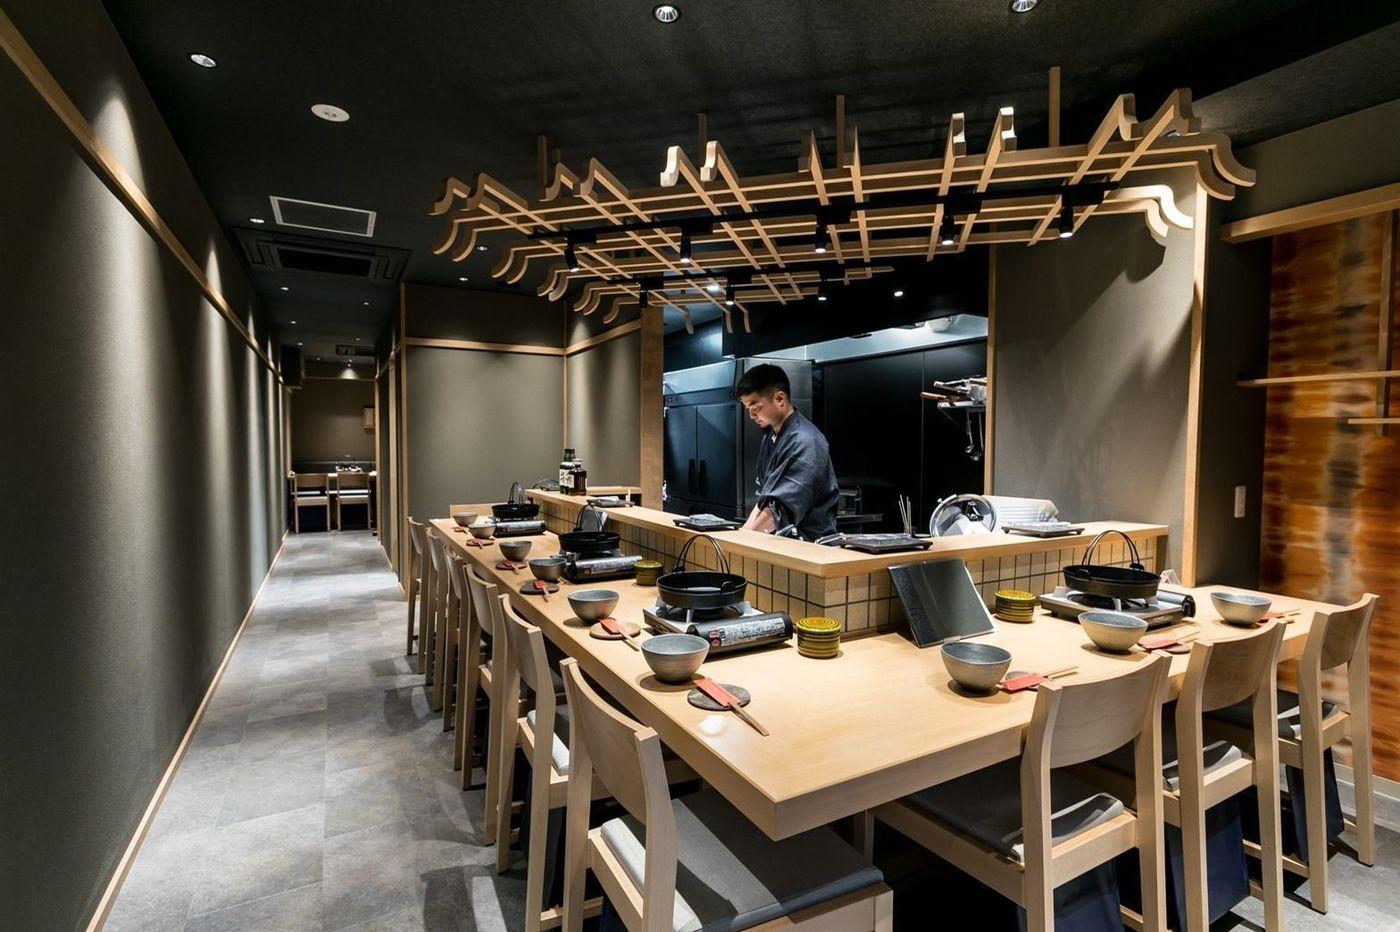 【大阪で串揚げを食べるならここ!】人気の6店舗をご紹介♪の画像